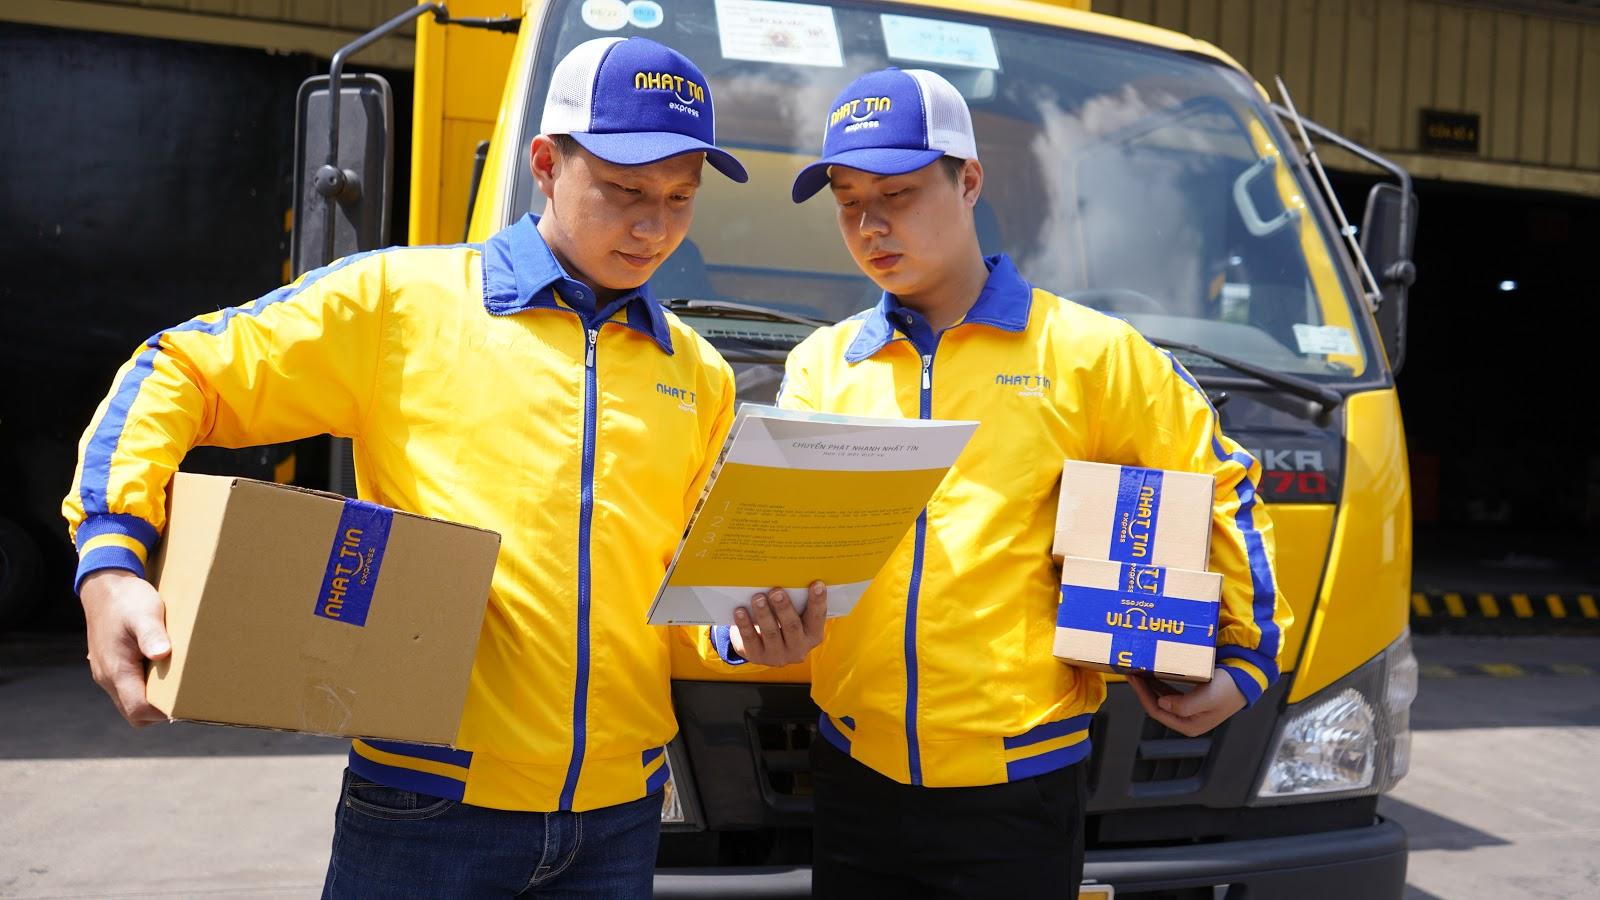 dịch vụ chuyển phát nhanh giá rẻ tphcm Nhất Tín Express